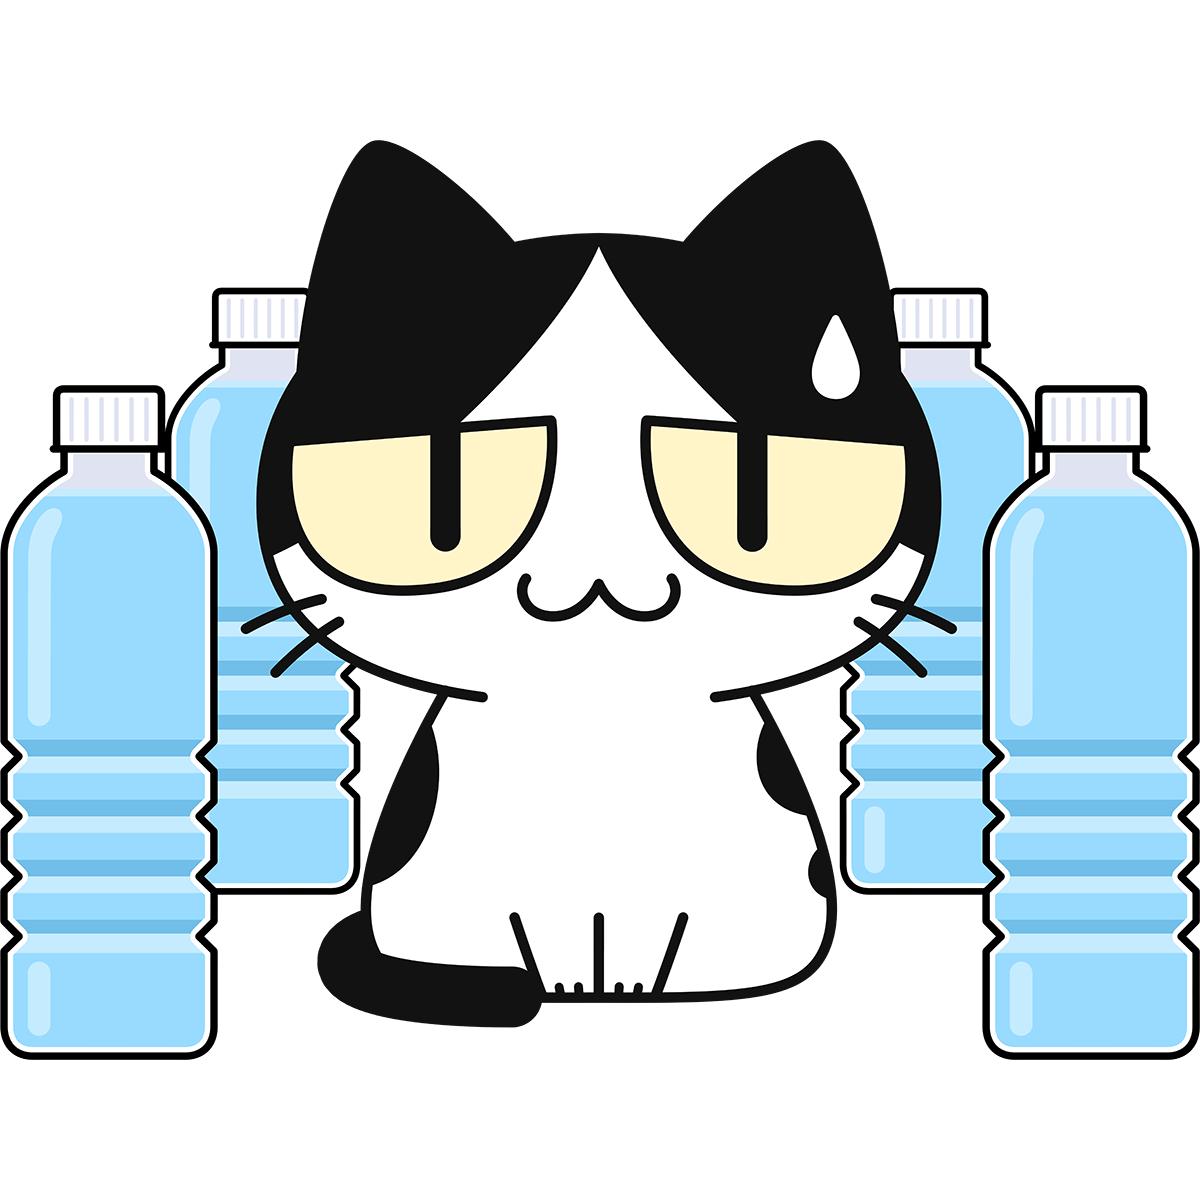 猫よけペットボトルに困る猫の無料イラスト